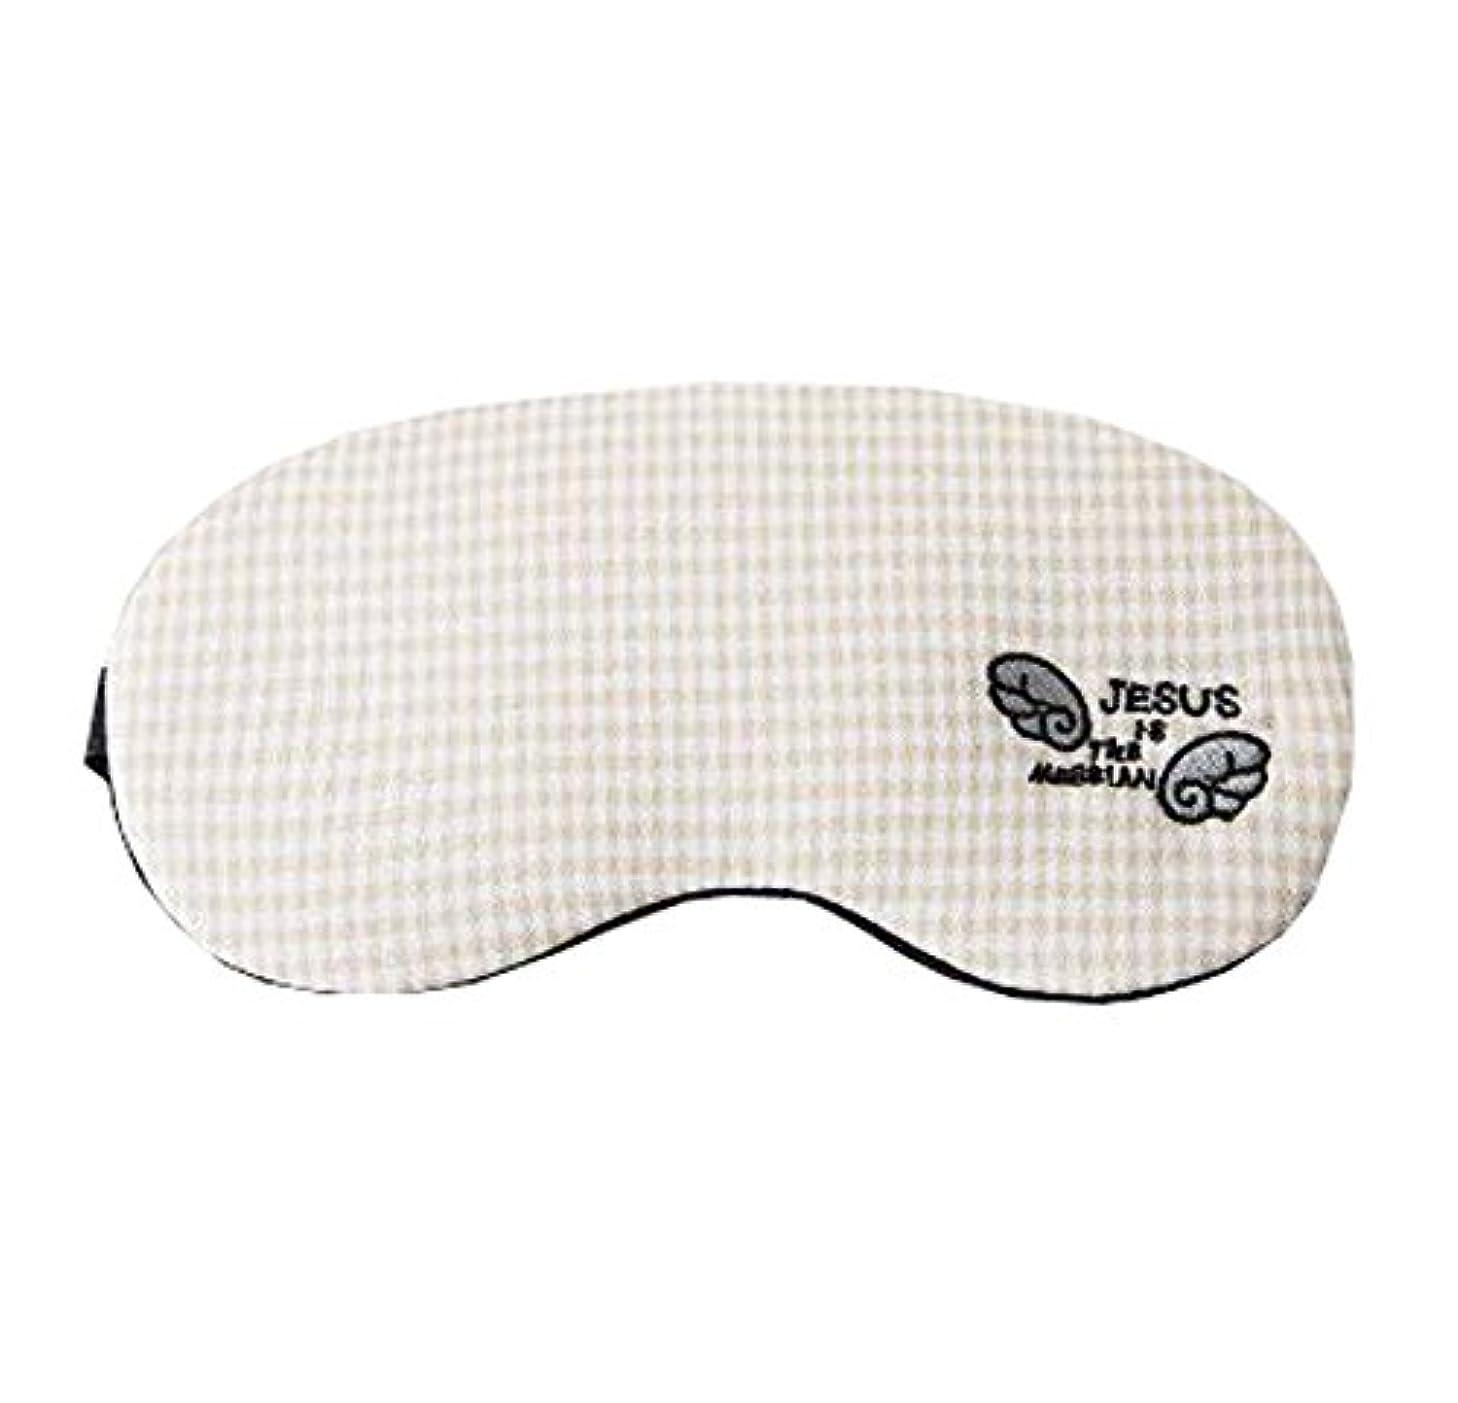 宝レンジ着飾る快適なかわいい目のマスクは、睡眠の作業のための不眠症とストレスを緩和する、F